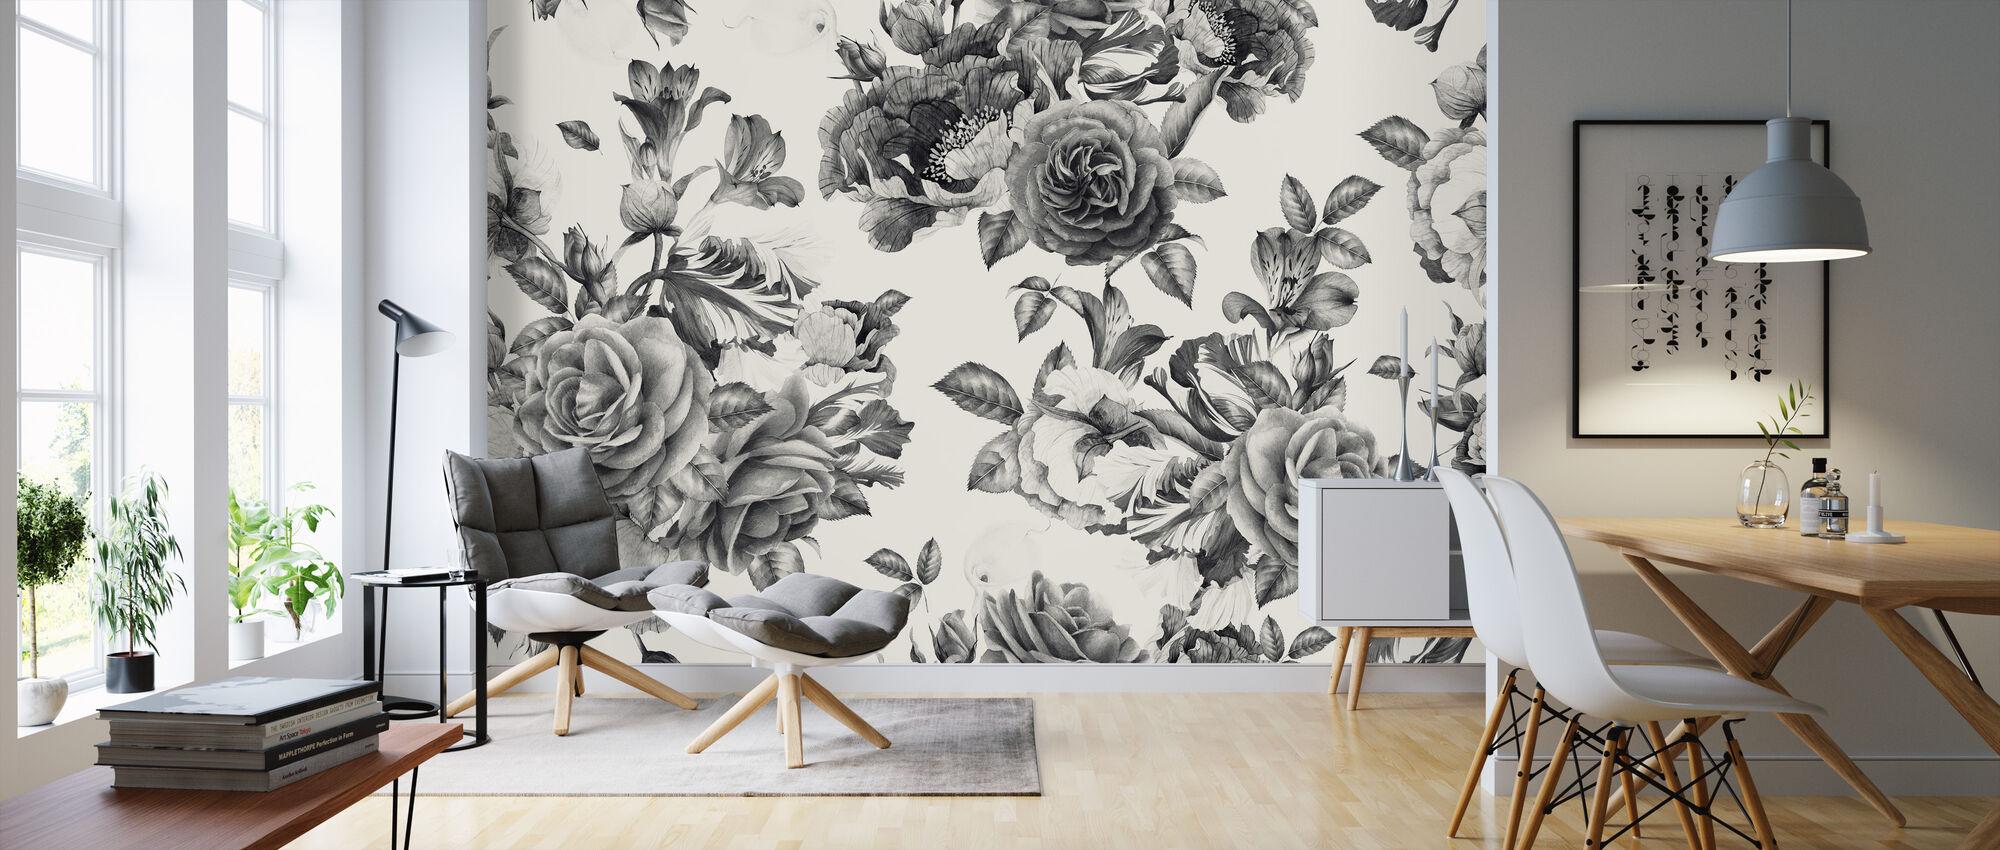 Twilight Roses - Wallpaper - Living Room